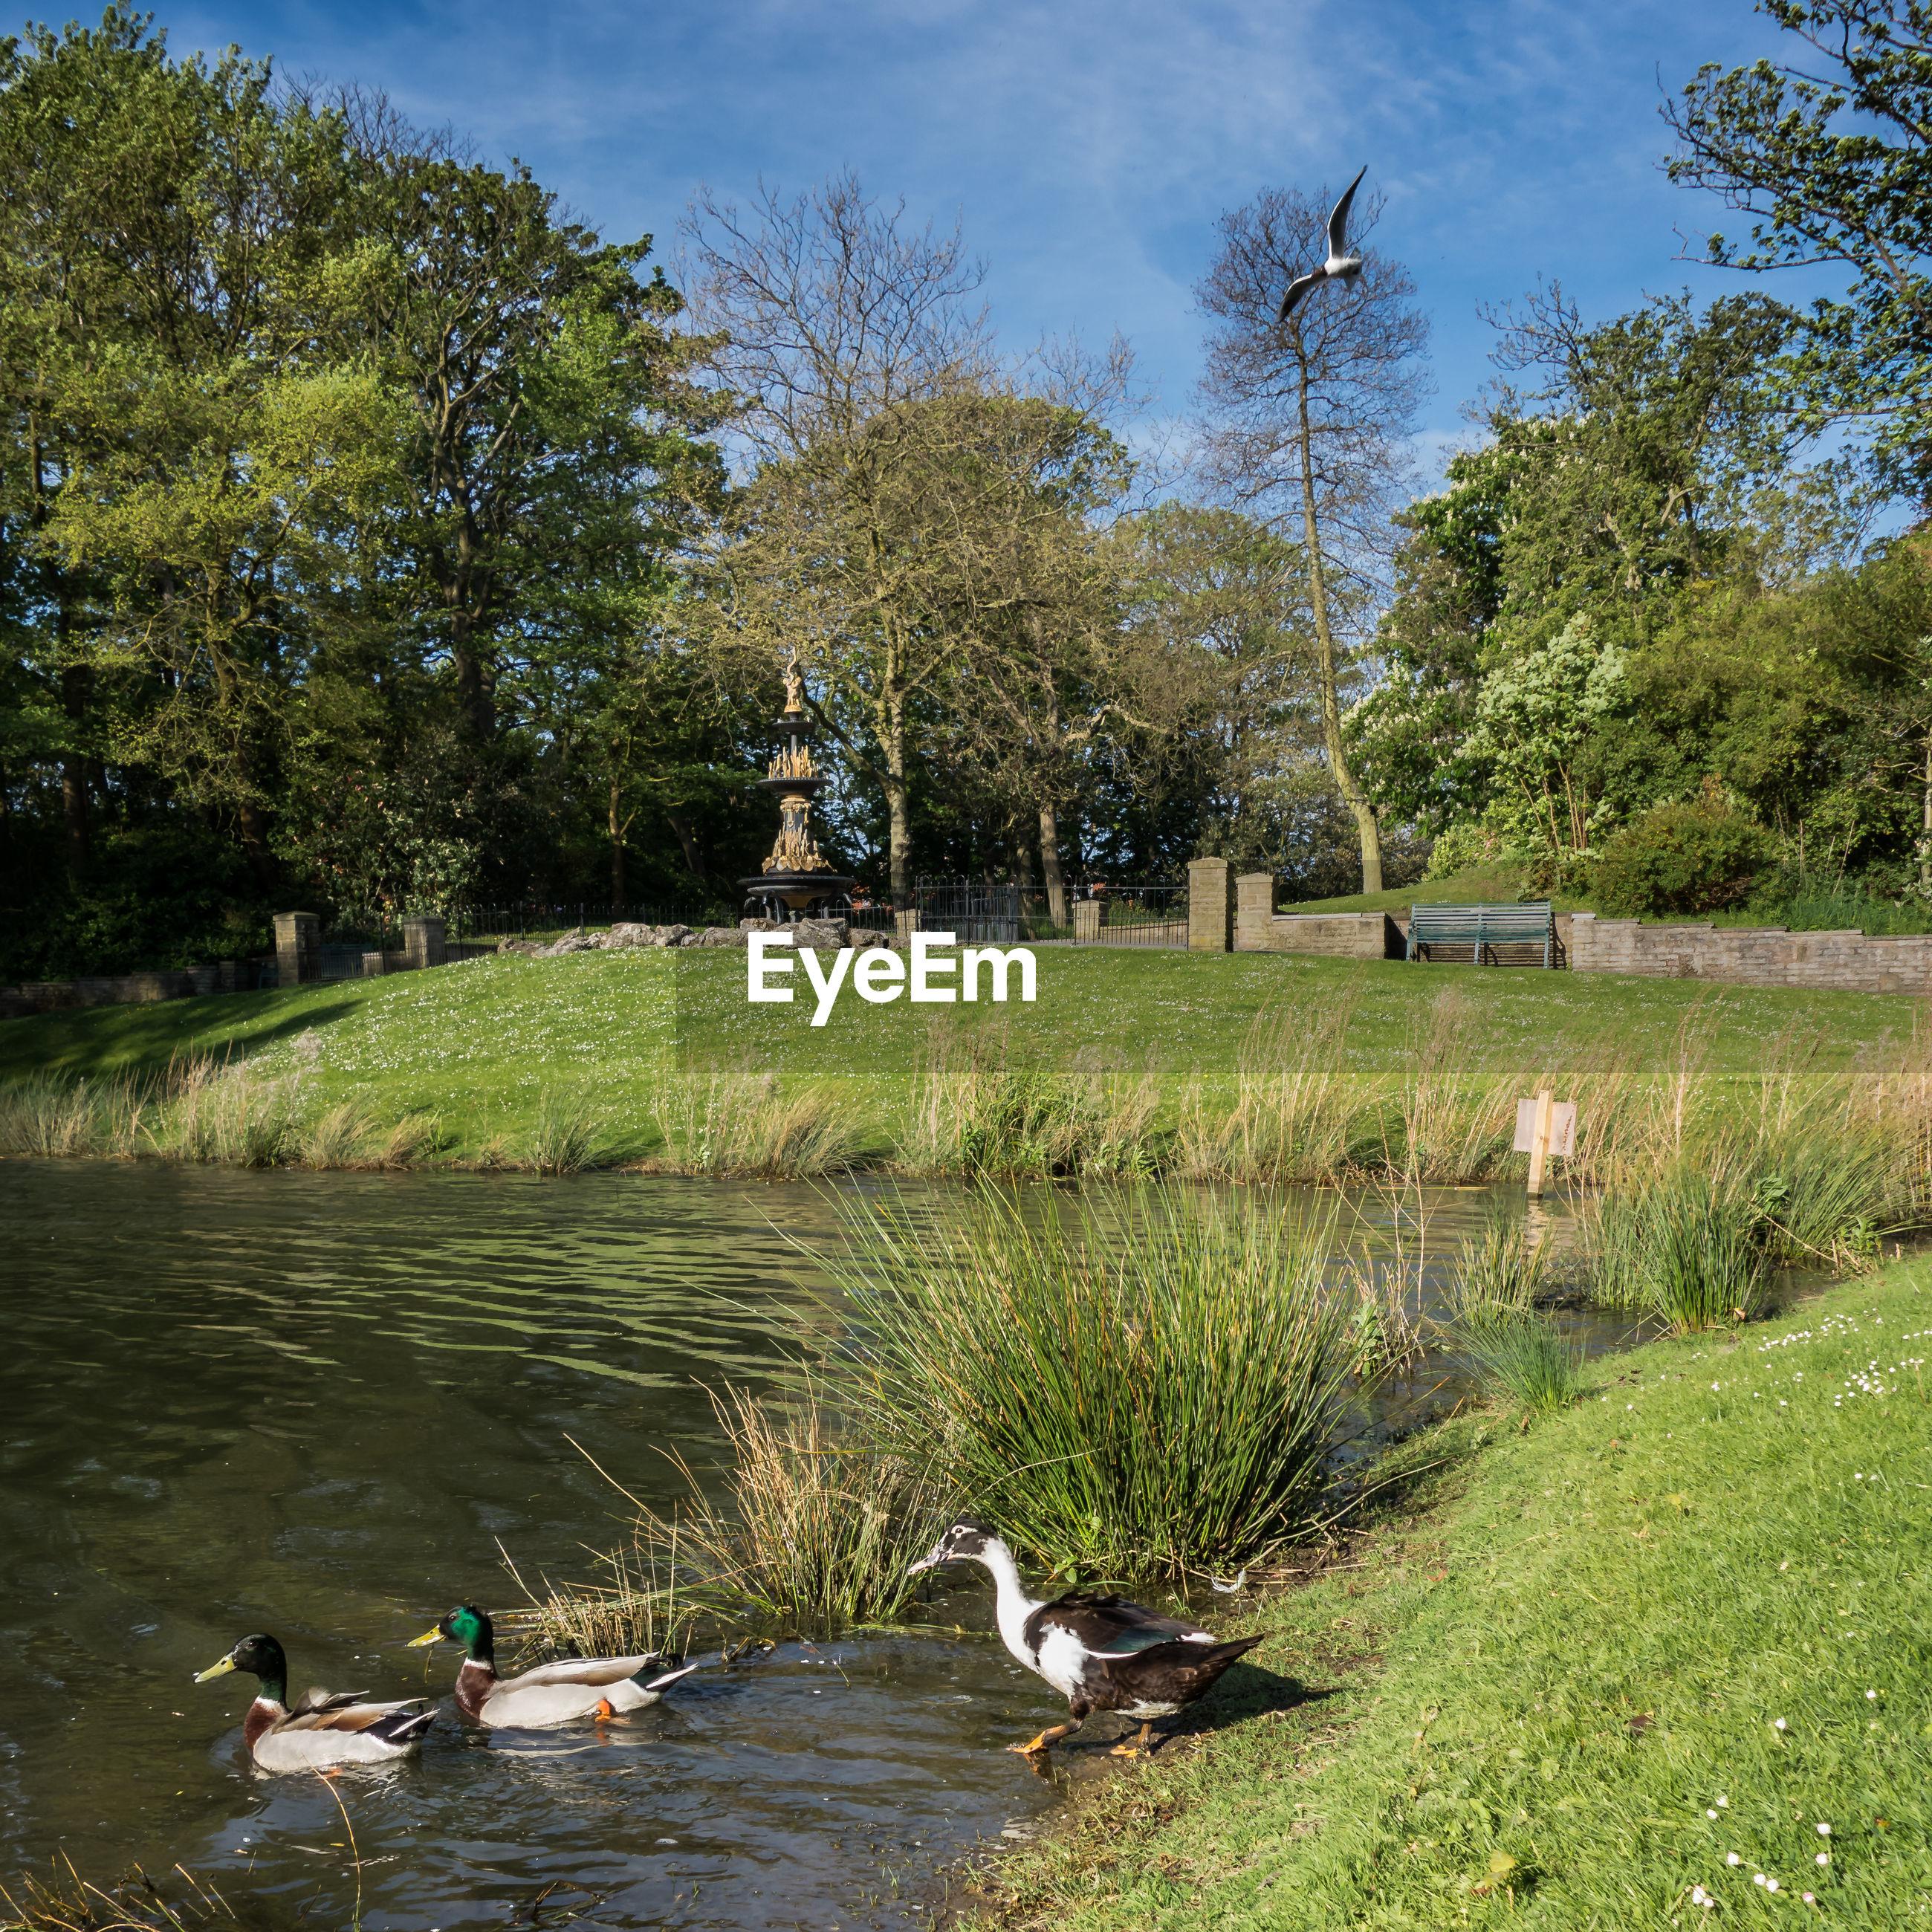 Ducks on lake at park